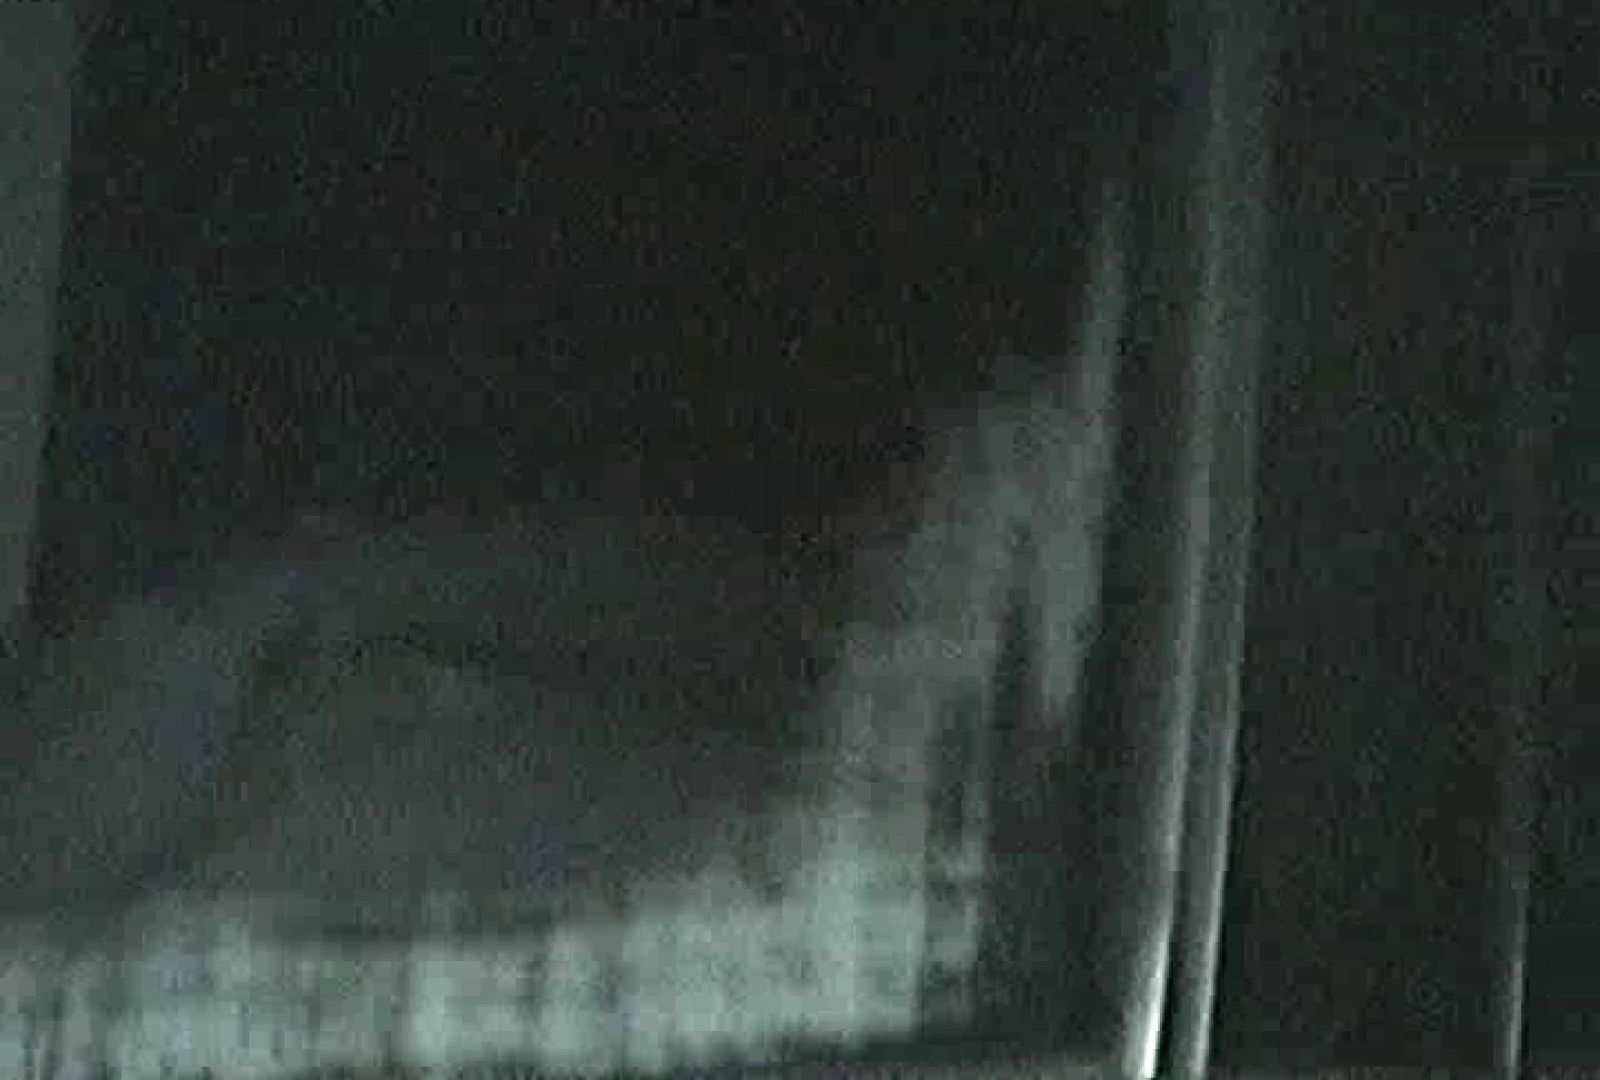 充血監督の深夜の運動会Vol.73 エロティックなOL   エッチなセックス  86画像 10